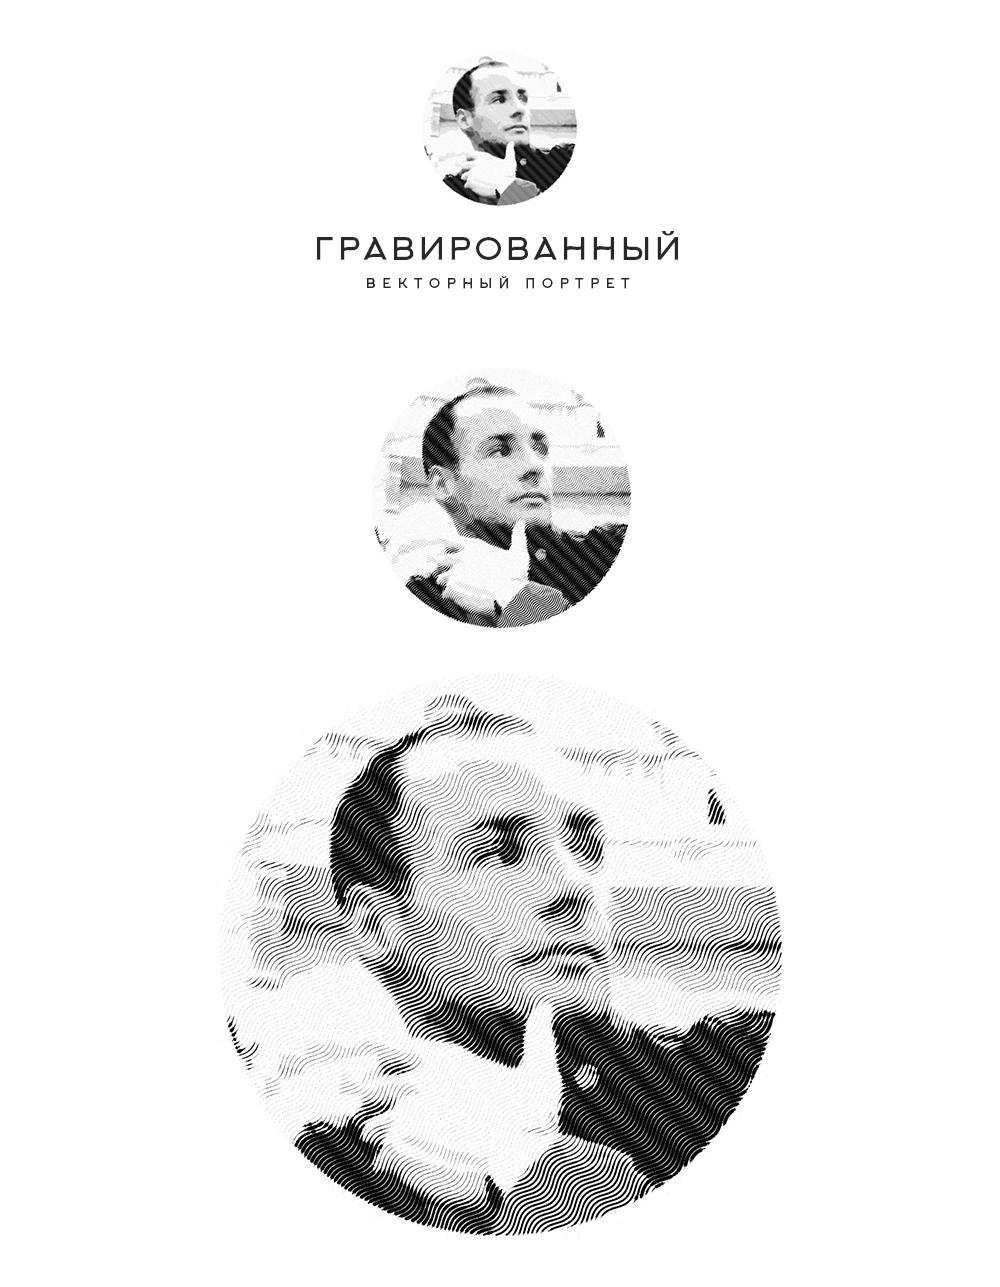 Гравированный векторный портрет / Engraved portrait of a vector